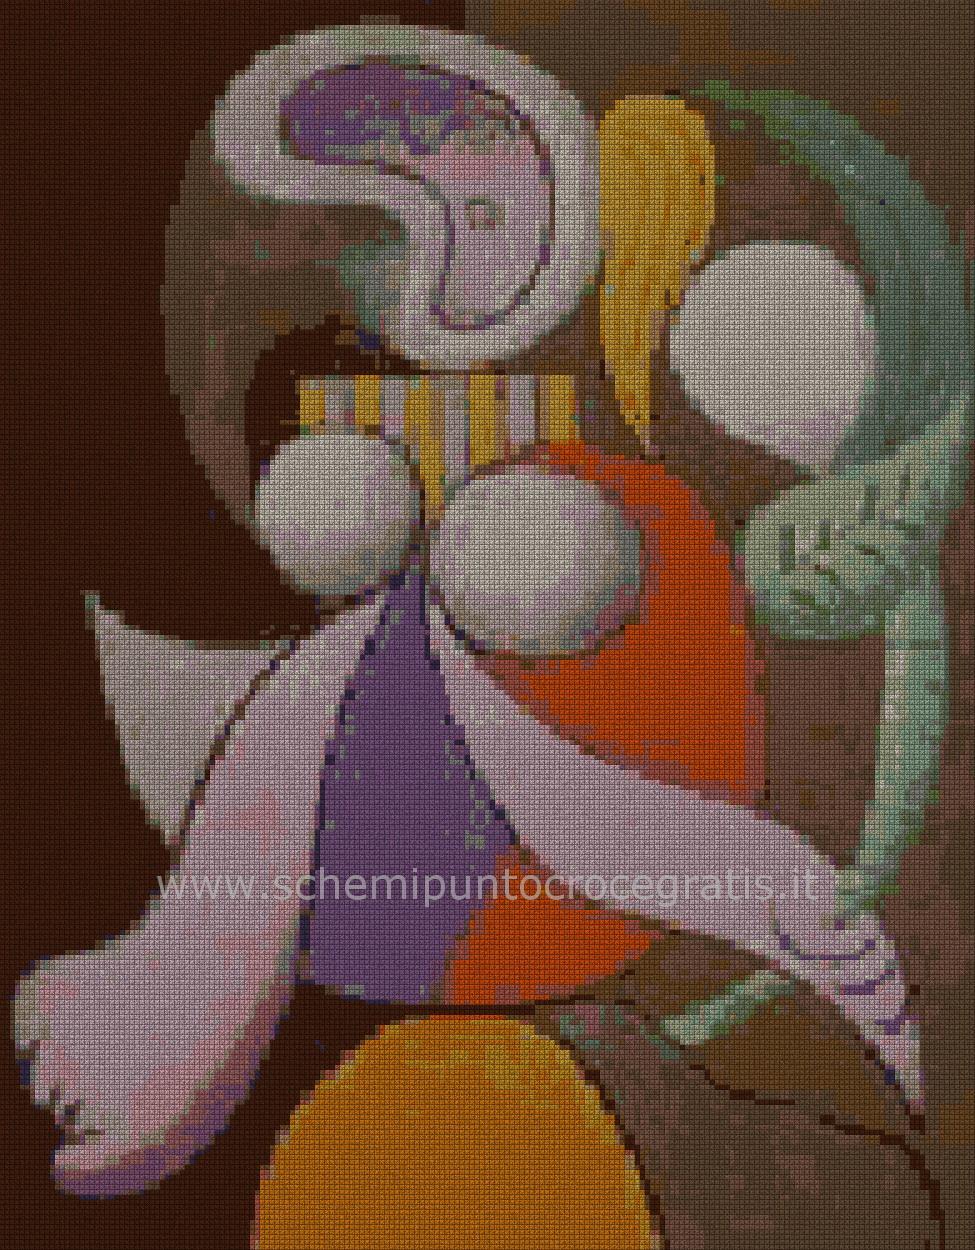 pittori_moderni/picasso/Picasso30.jpg